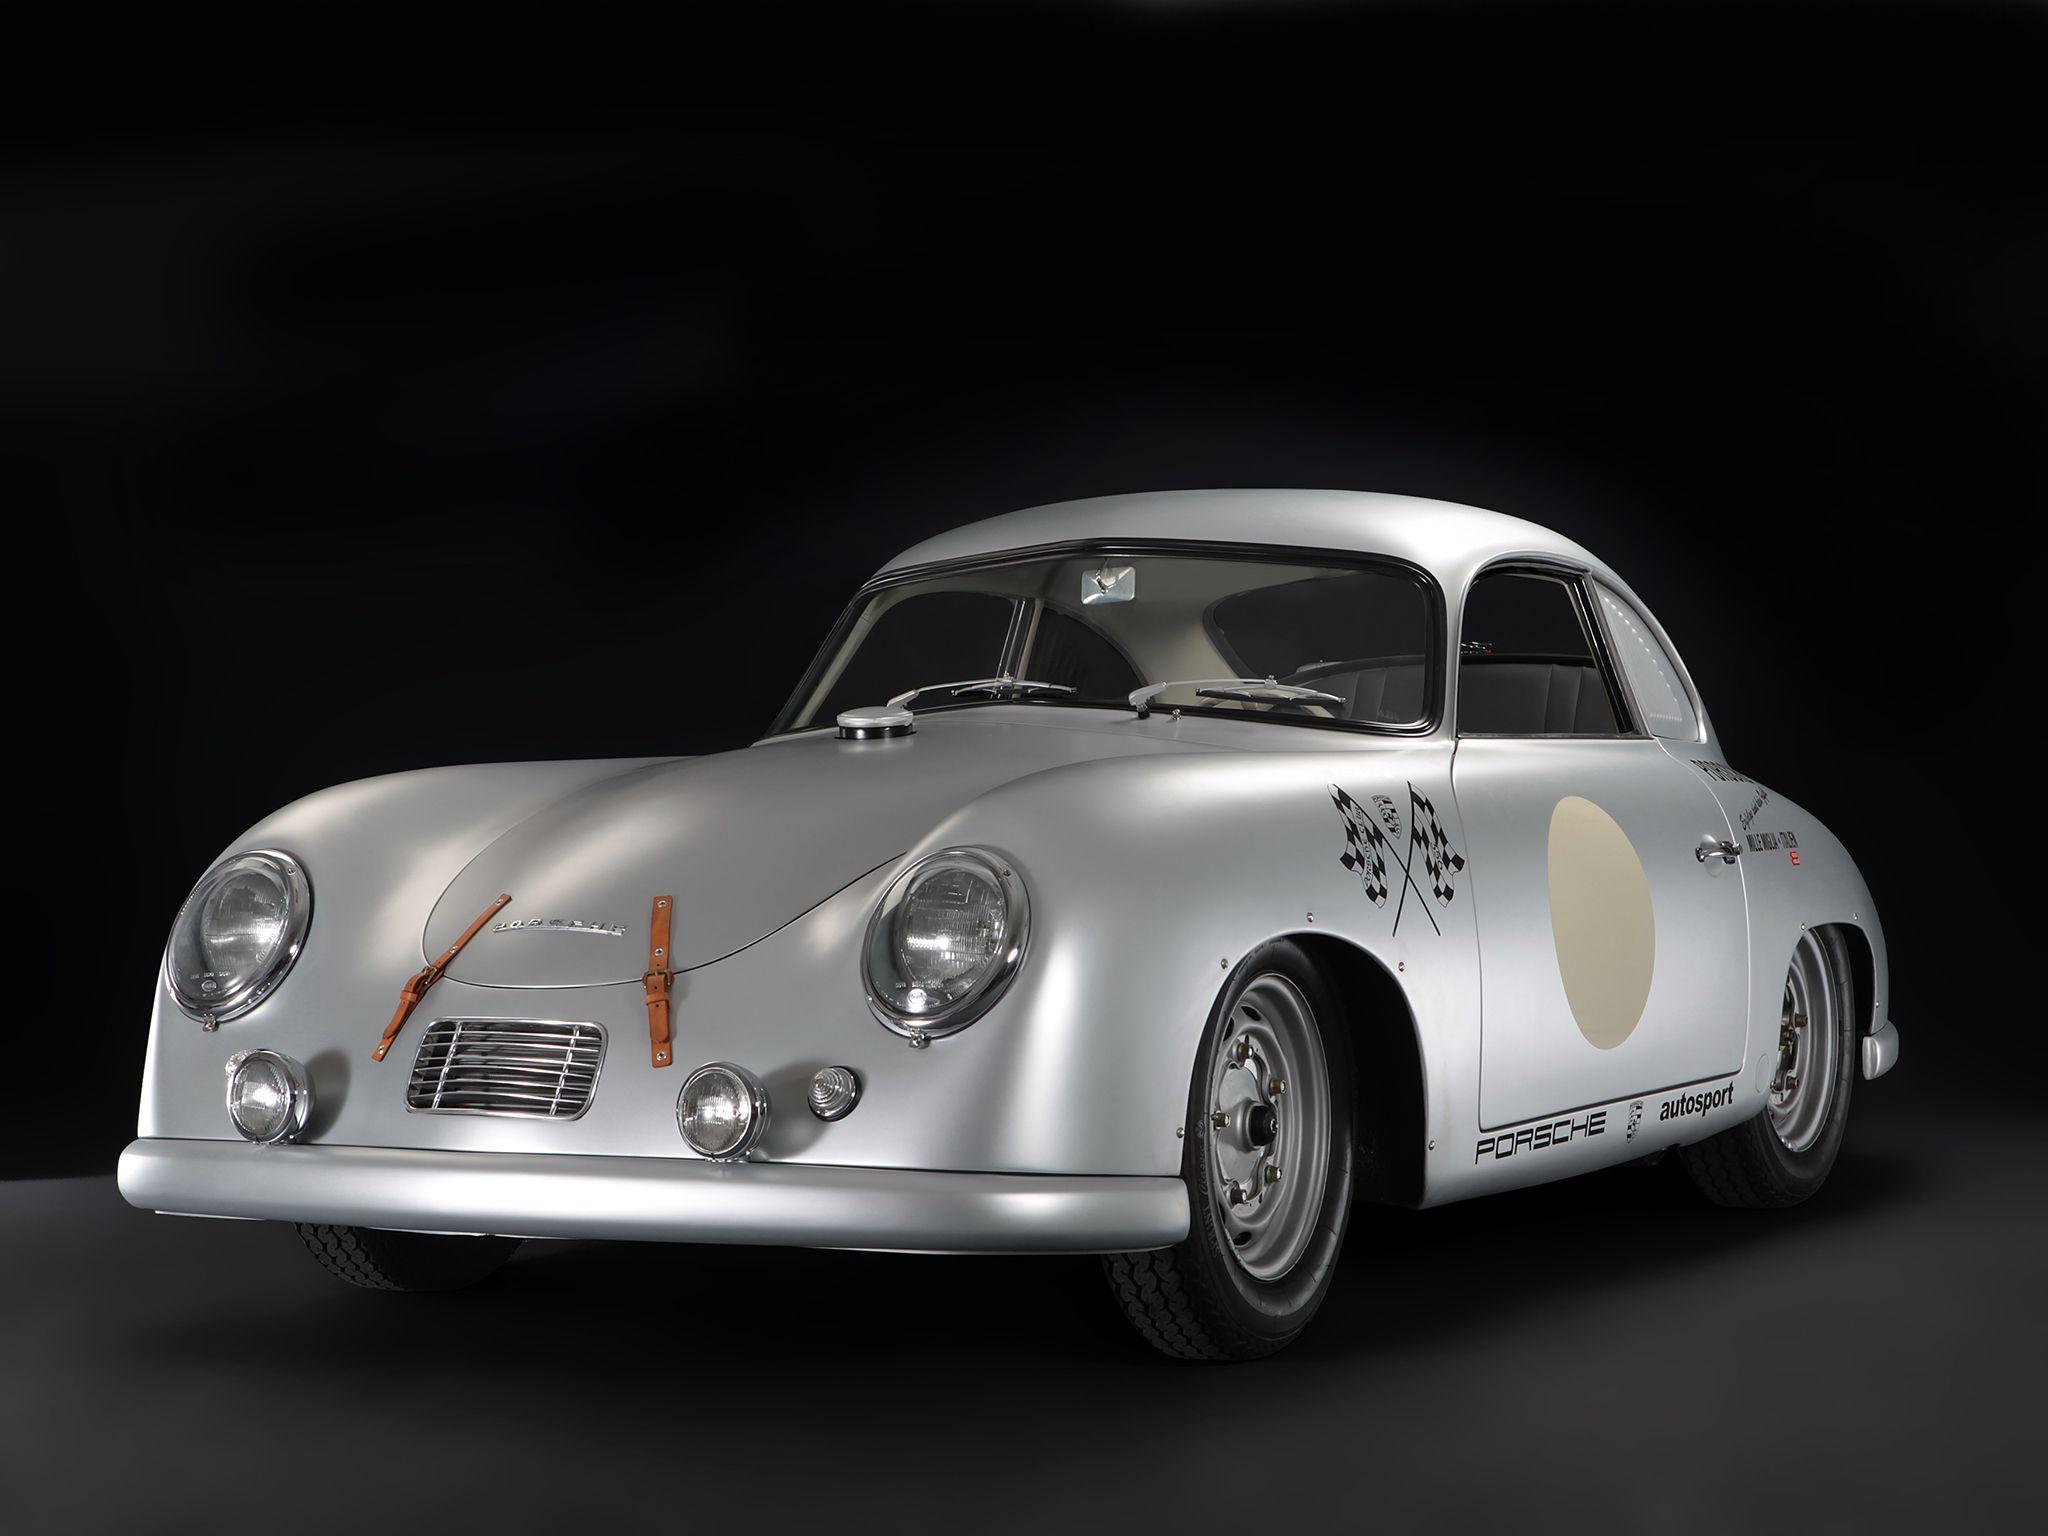 Porsche 356 Wallpapers Wallpaper Cave